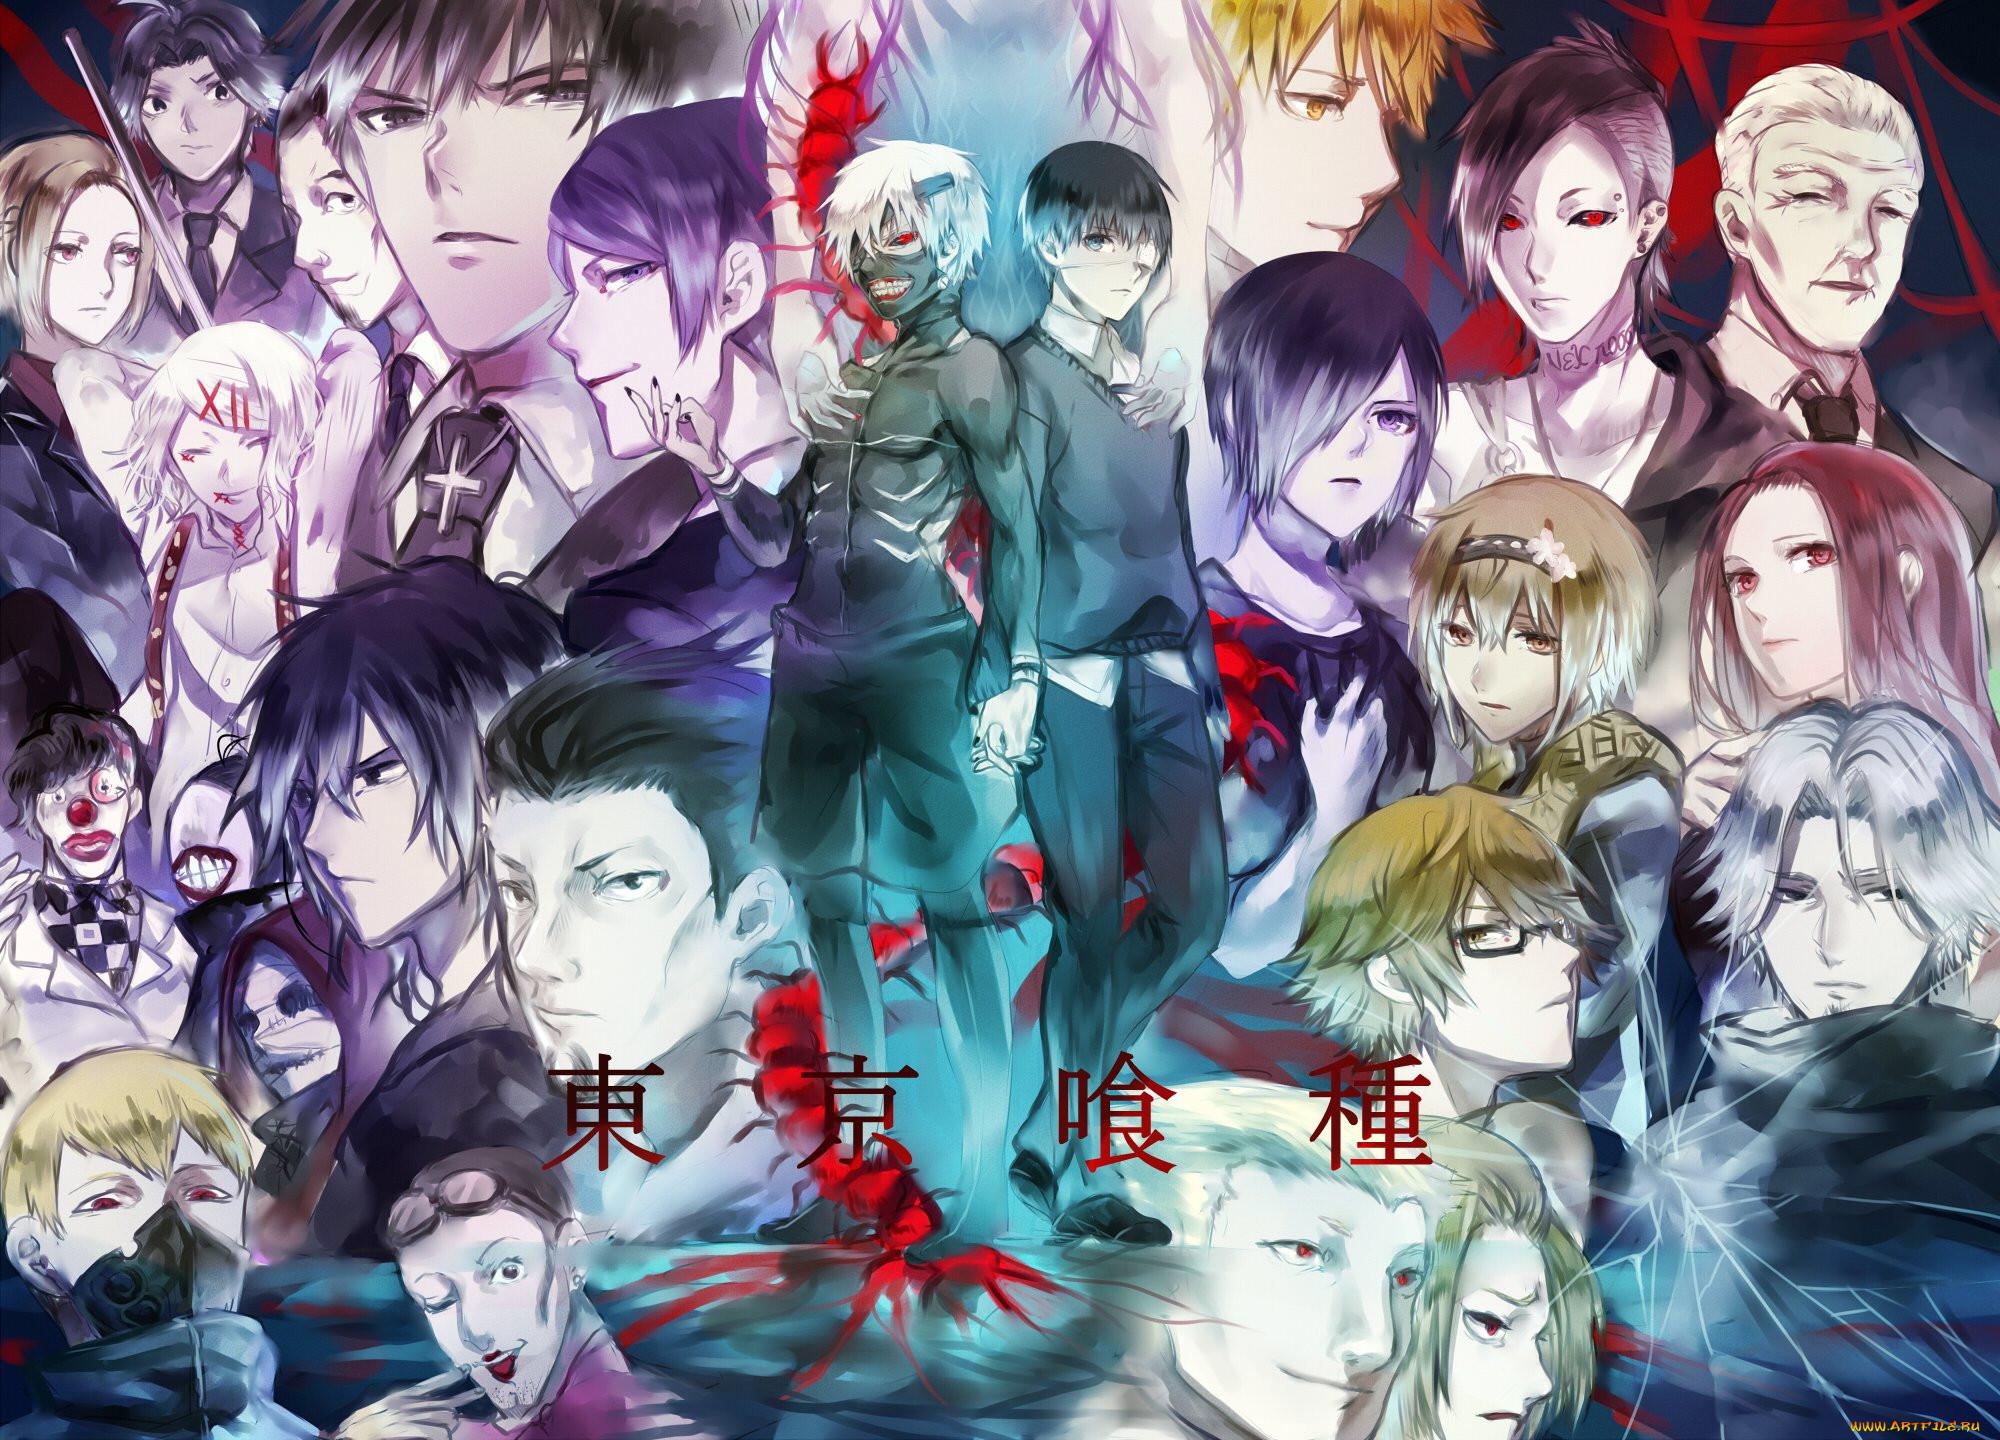 Картинки аниме токийский гуль персонажи